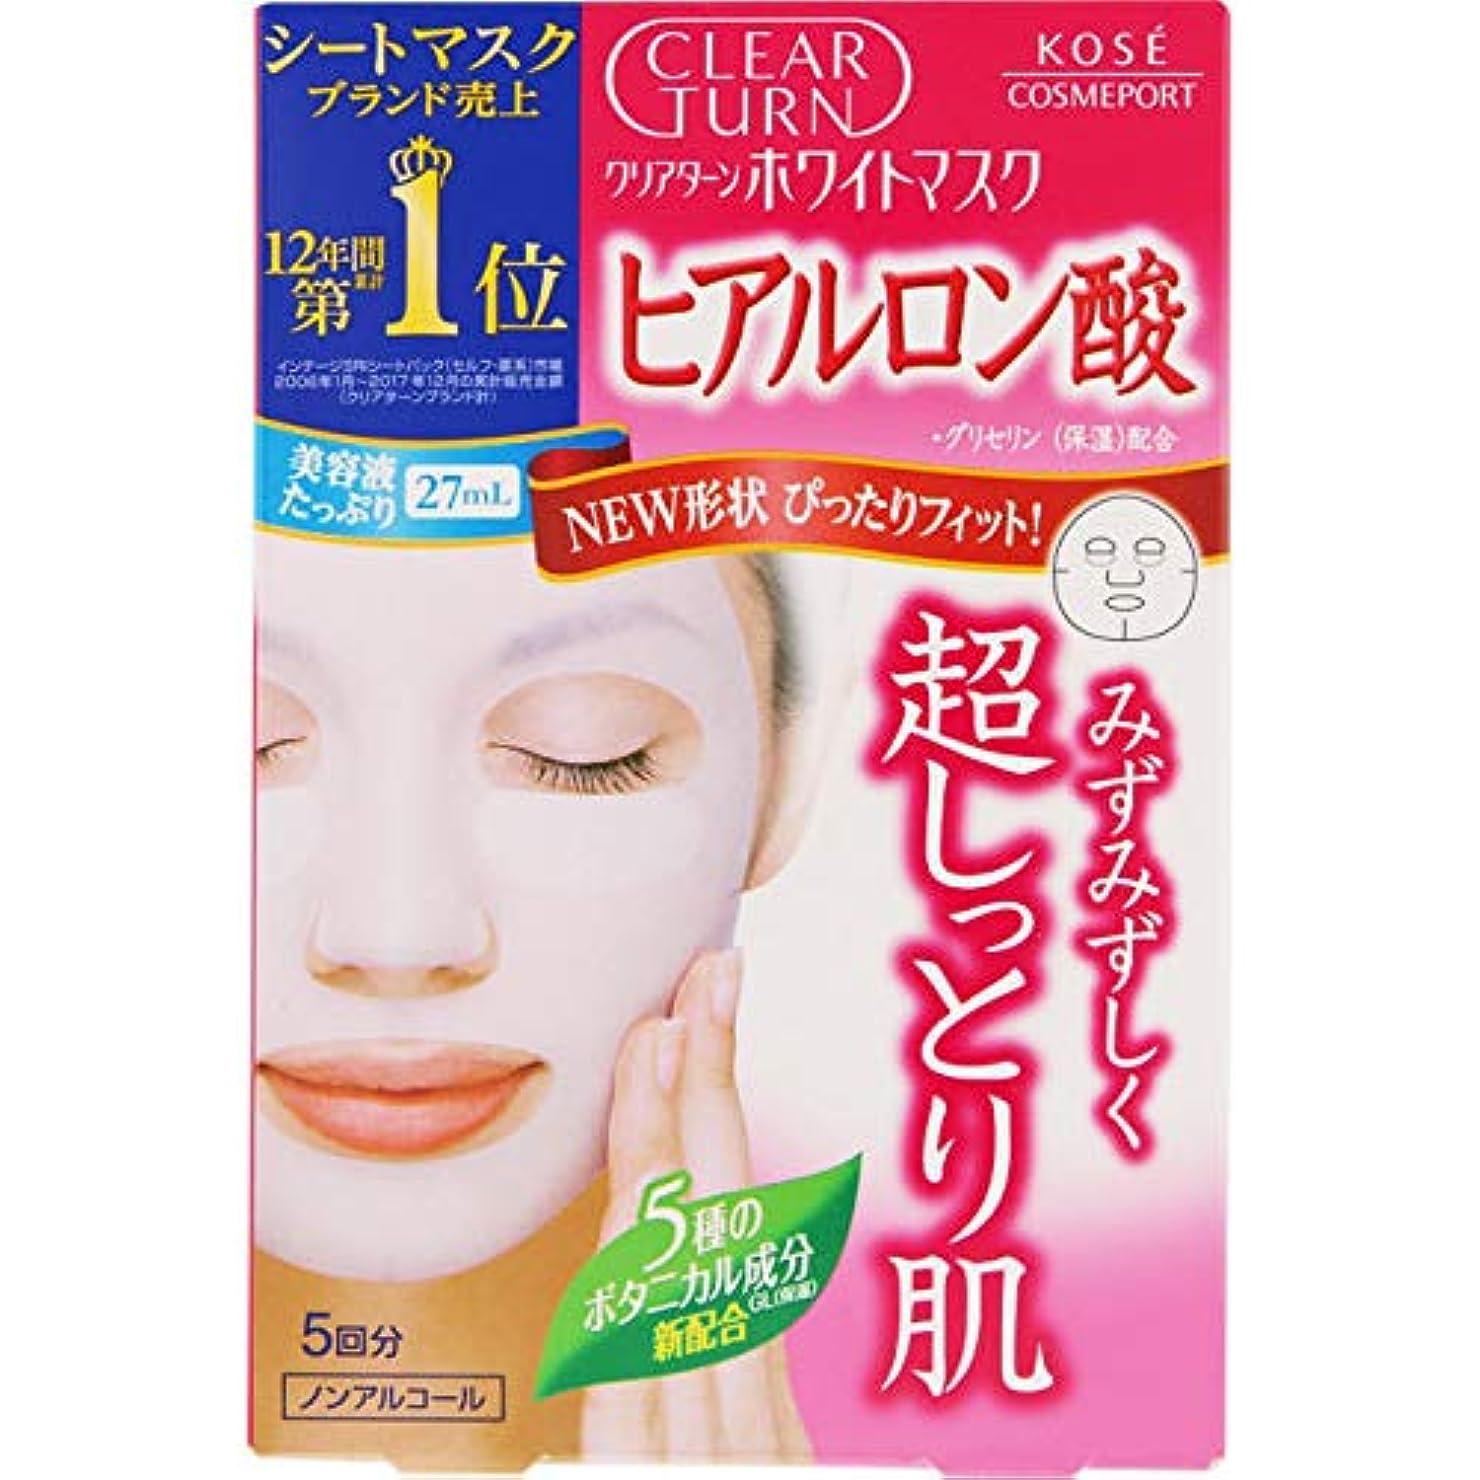 補体シソーラス消費するコーセー クリアターン ホワイト マスク(ヒアルロン酸) 5回分